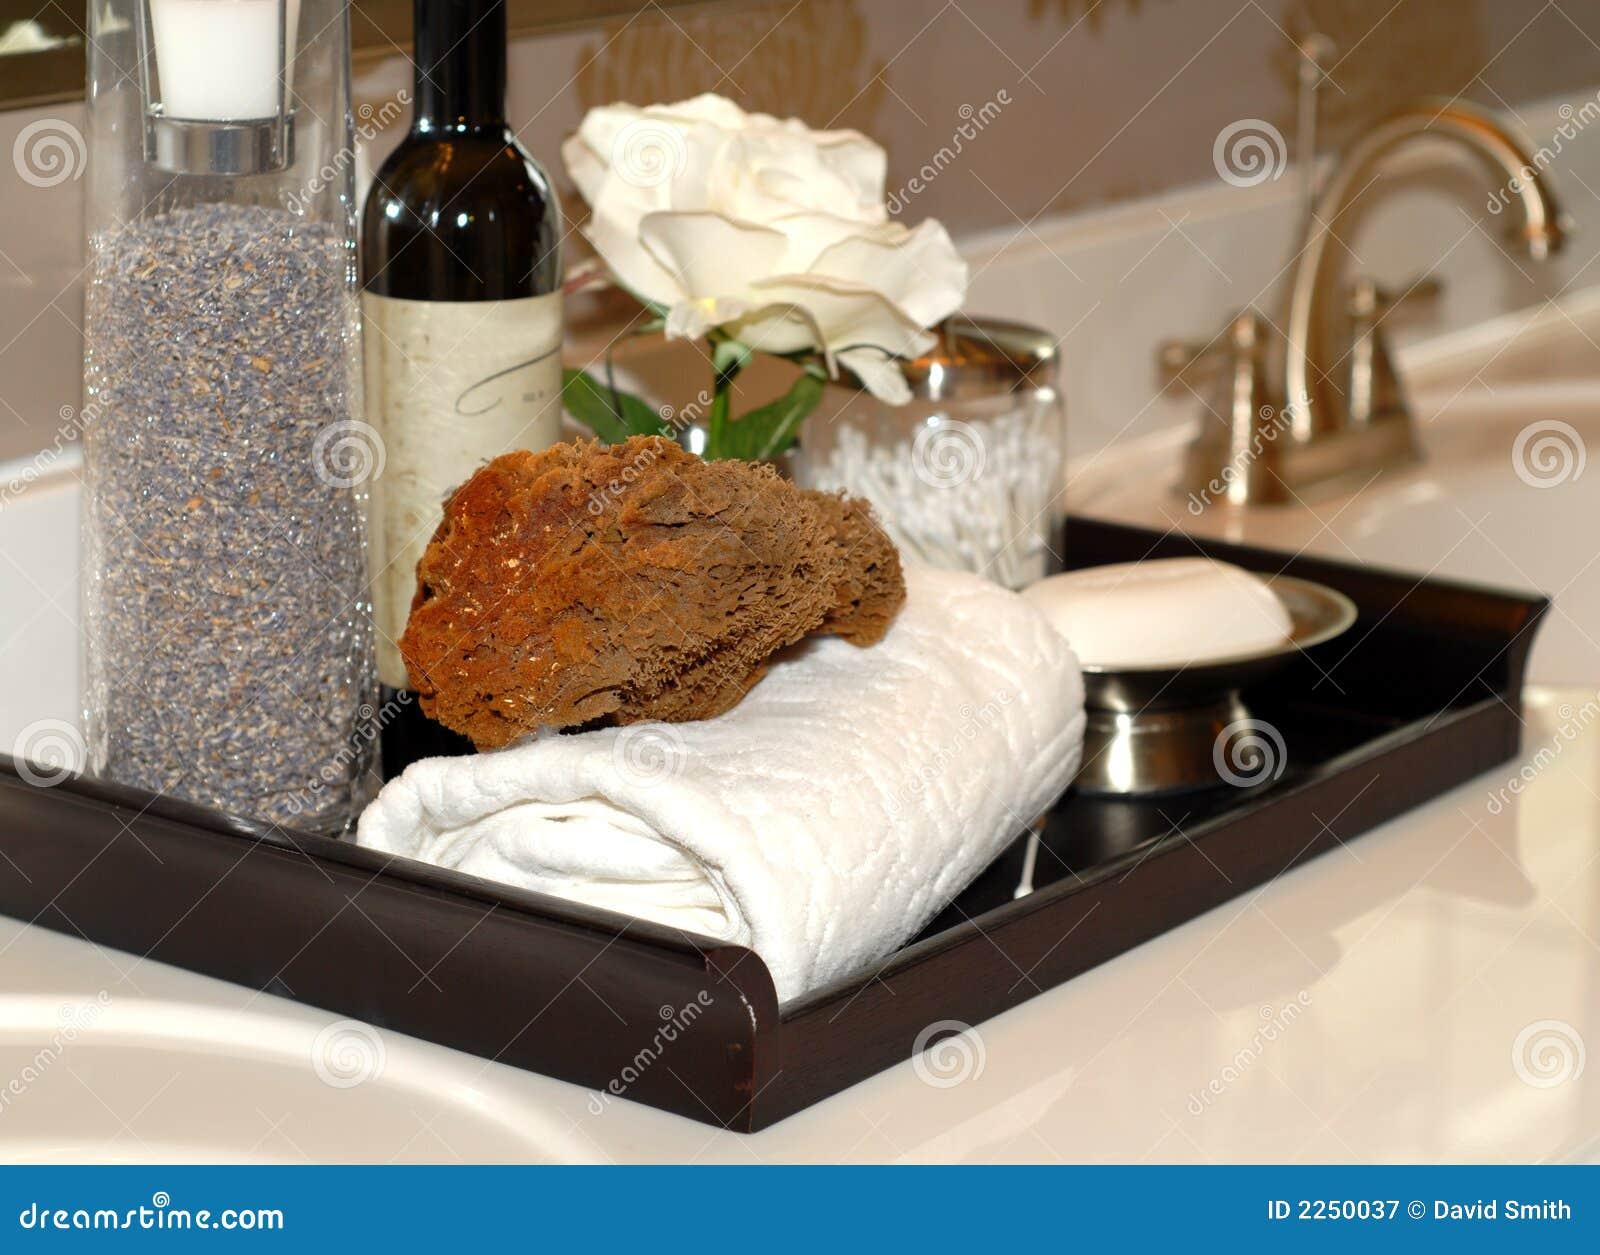 Towels, soap, sponges